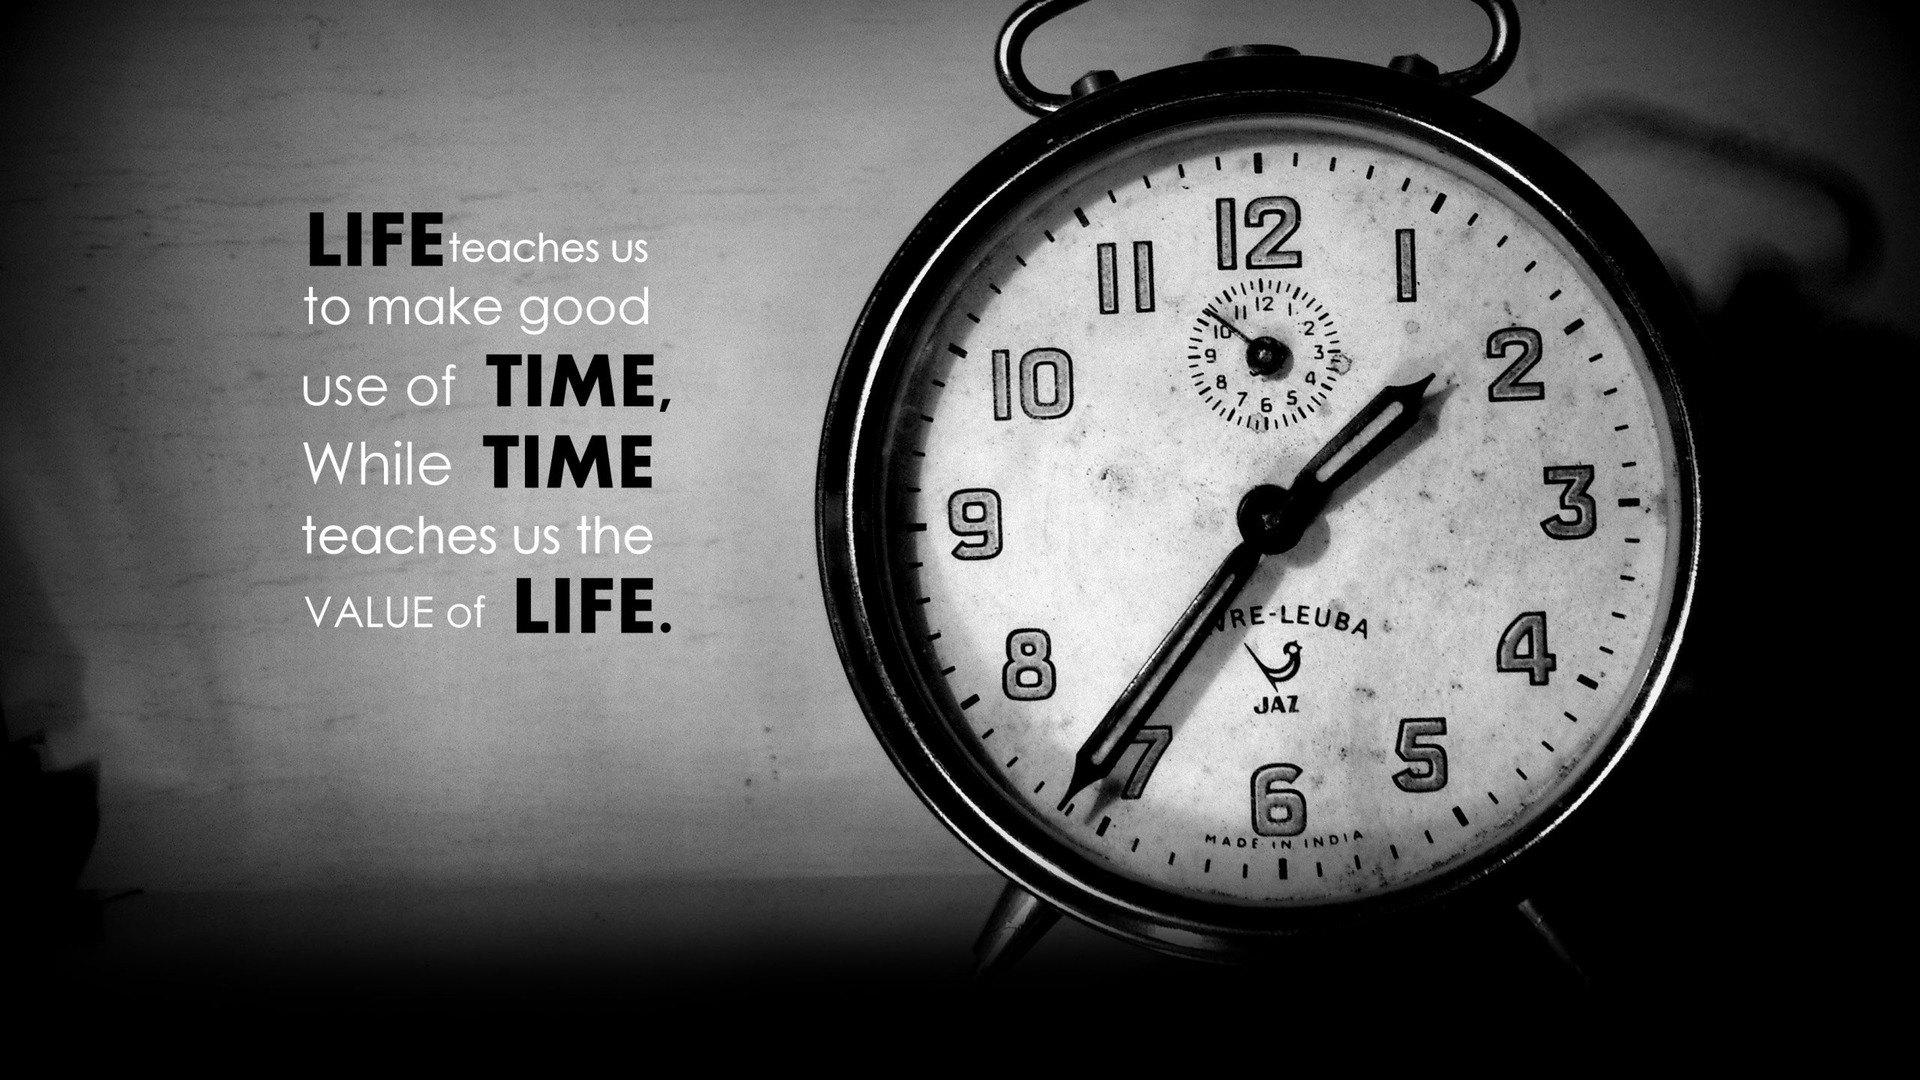 Giỏi giang, không phải là bận trăm công nghìn việc, mà là tổ chức sắp xếp đủ thời gian cho mọi thứ